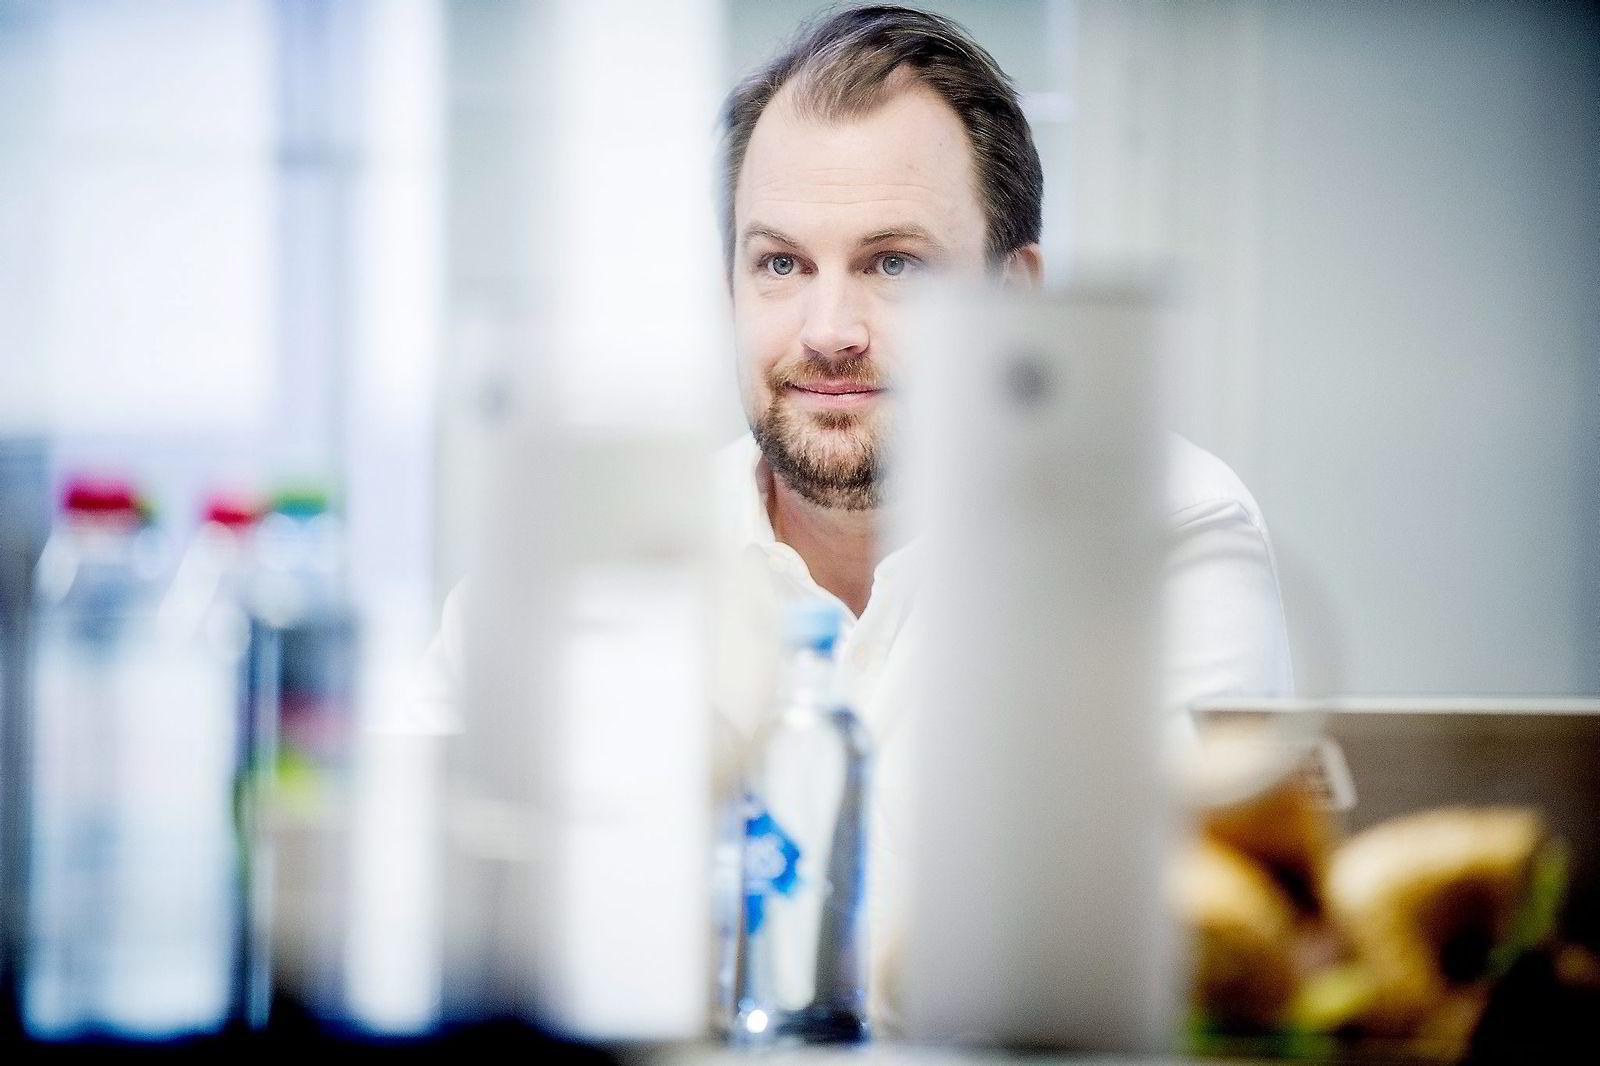 – Vi forventer å selge like mye i år som ifjor, sa kommunikasjonsdirektør Kristian Hvilen i Mondelez Norden i april. Foto: Gorm K. Gaare